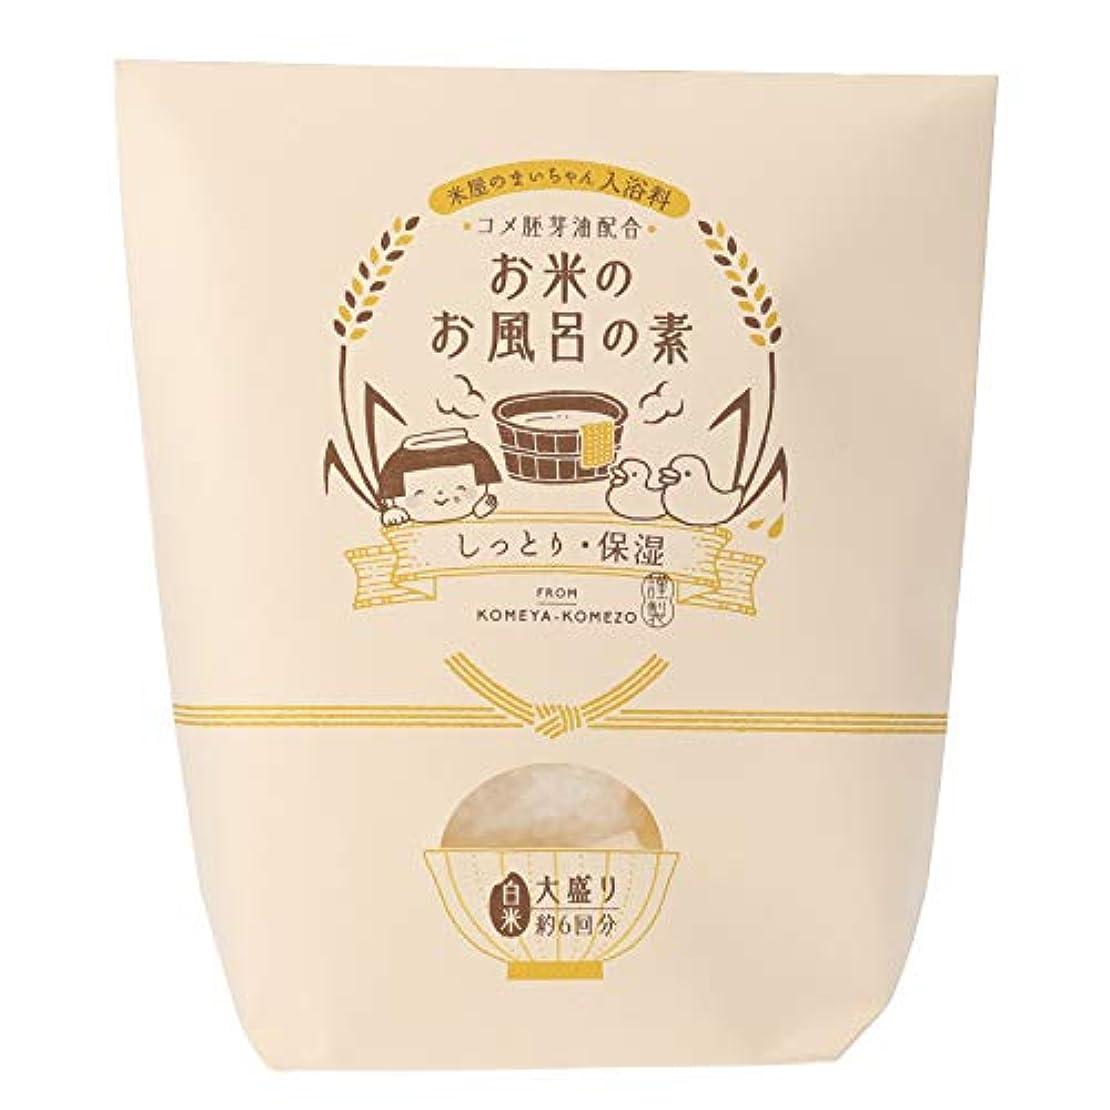 酸っぱい便宜泣く米屋のまいちゃん家の逸品 お米のお風呂の素 大盛り(保湿) 入浴剤 142mm×55mm×156mm